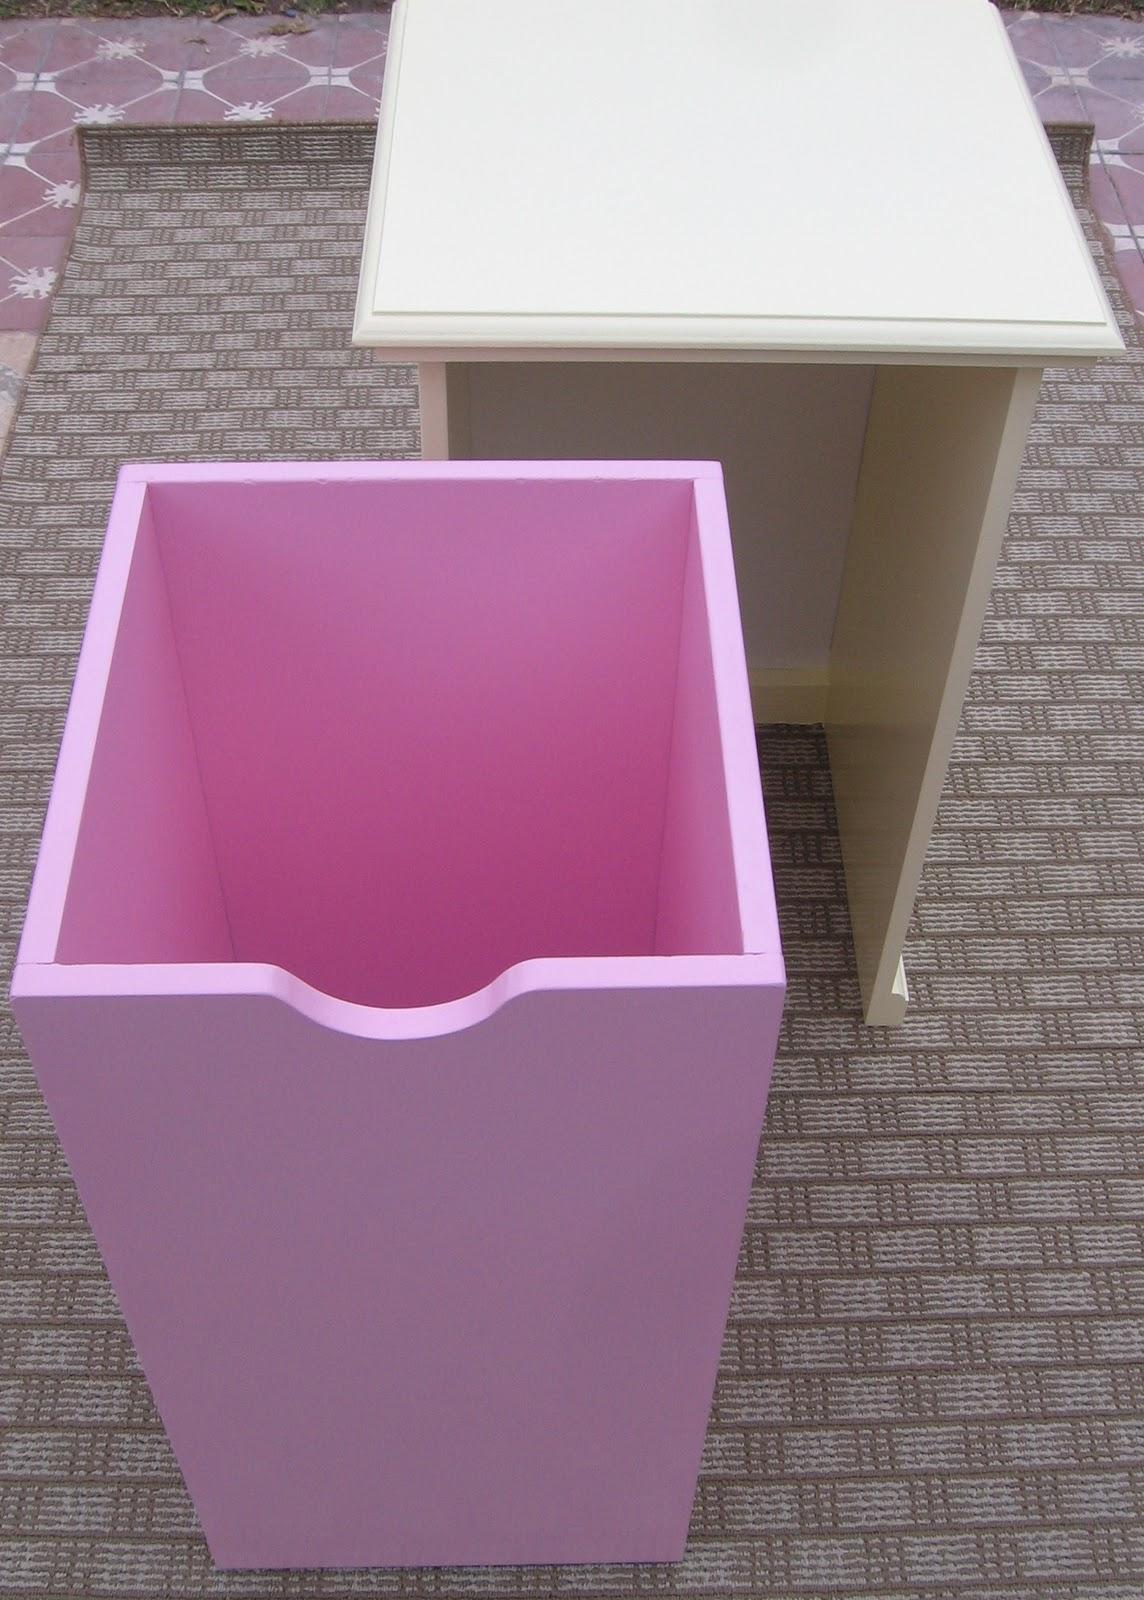 Arrorr muebles infantiles ba les y cubos para guardar - Muebles para guardar juguetes ...